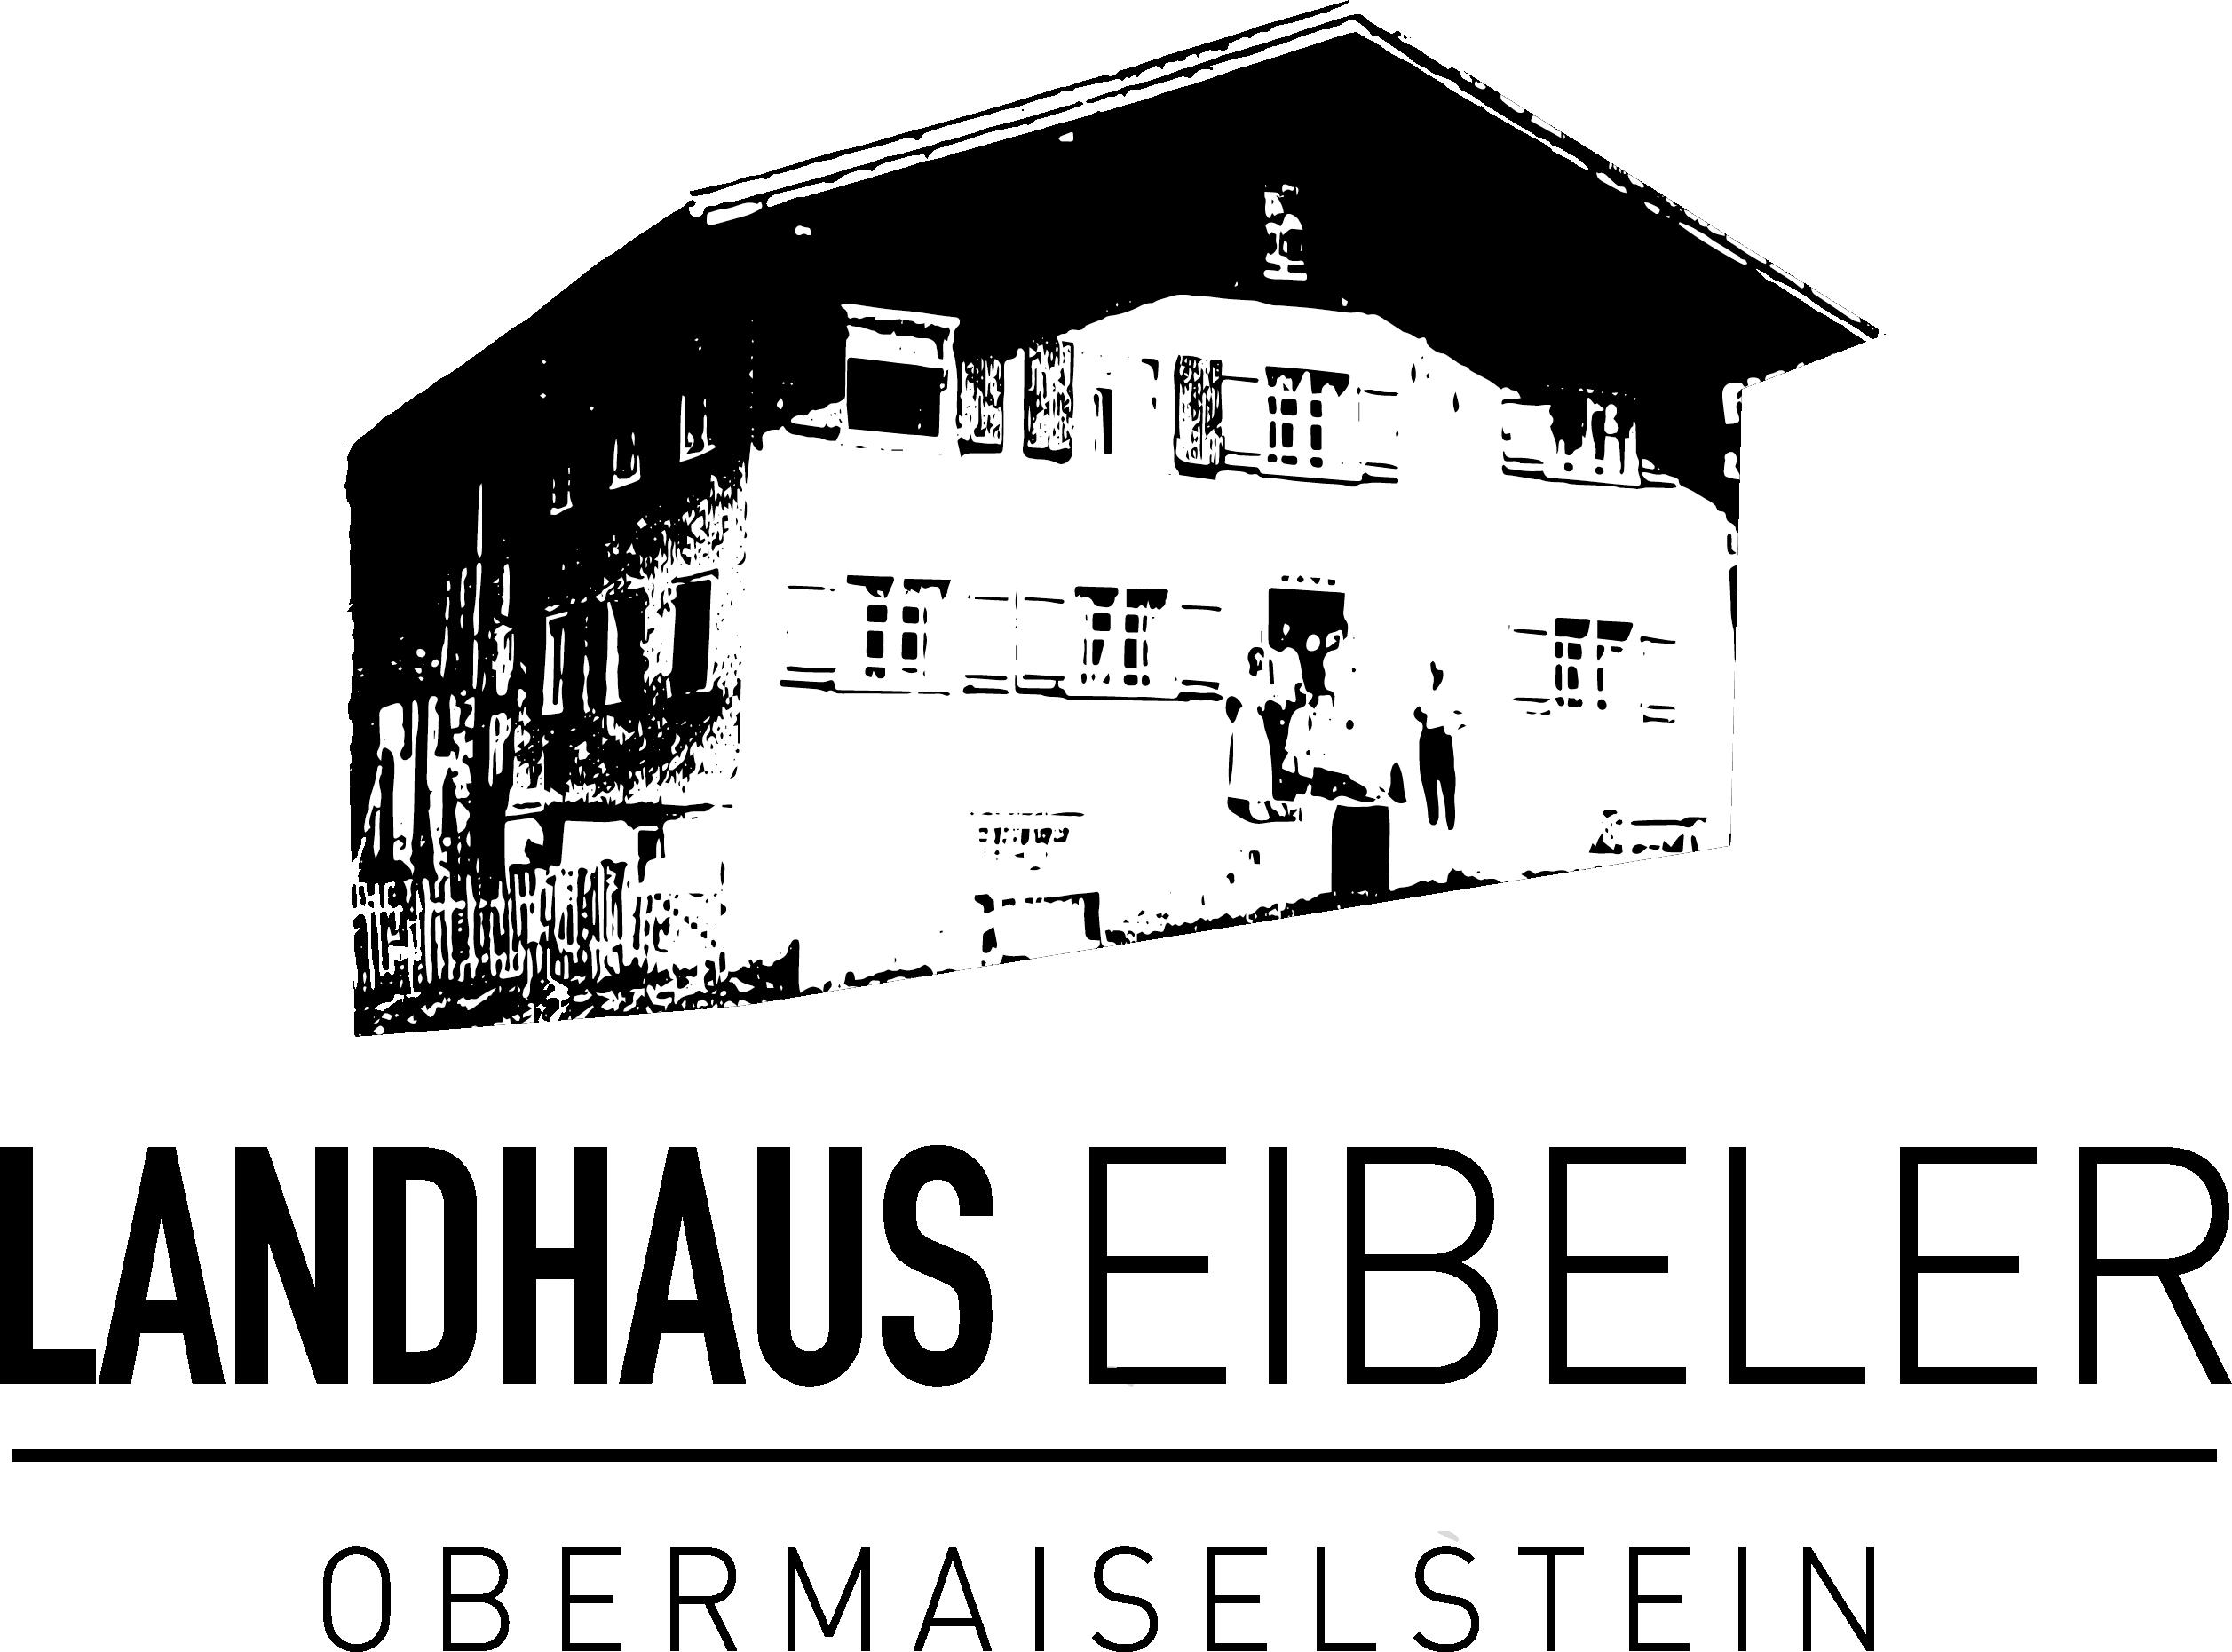 Landhaus Eibeler